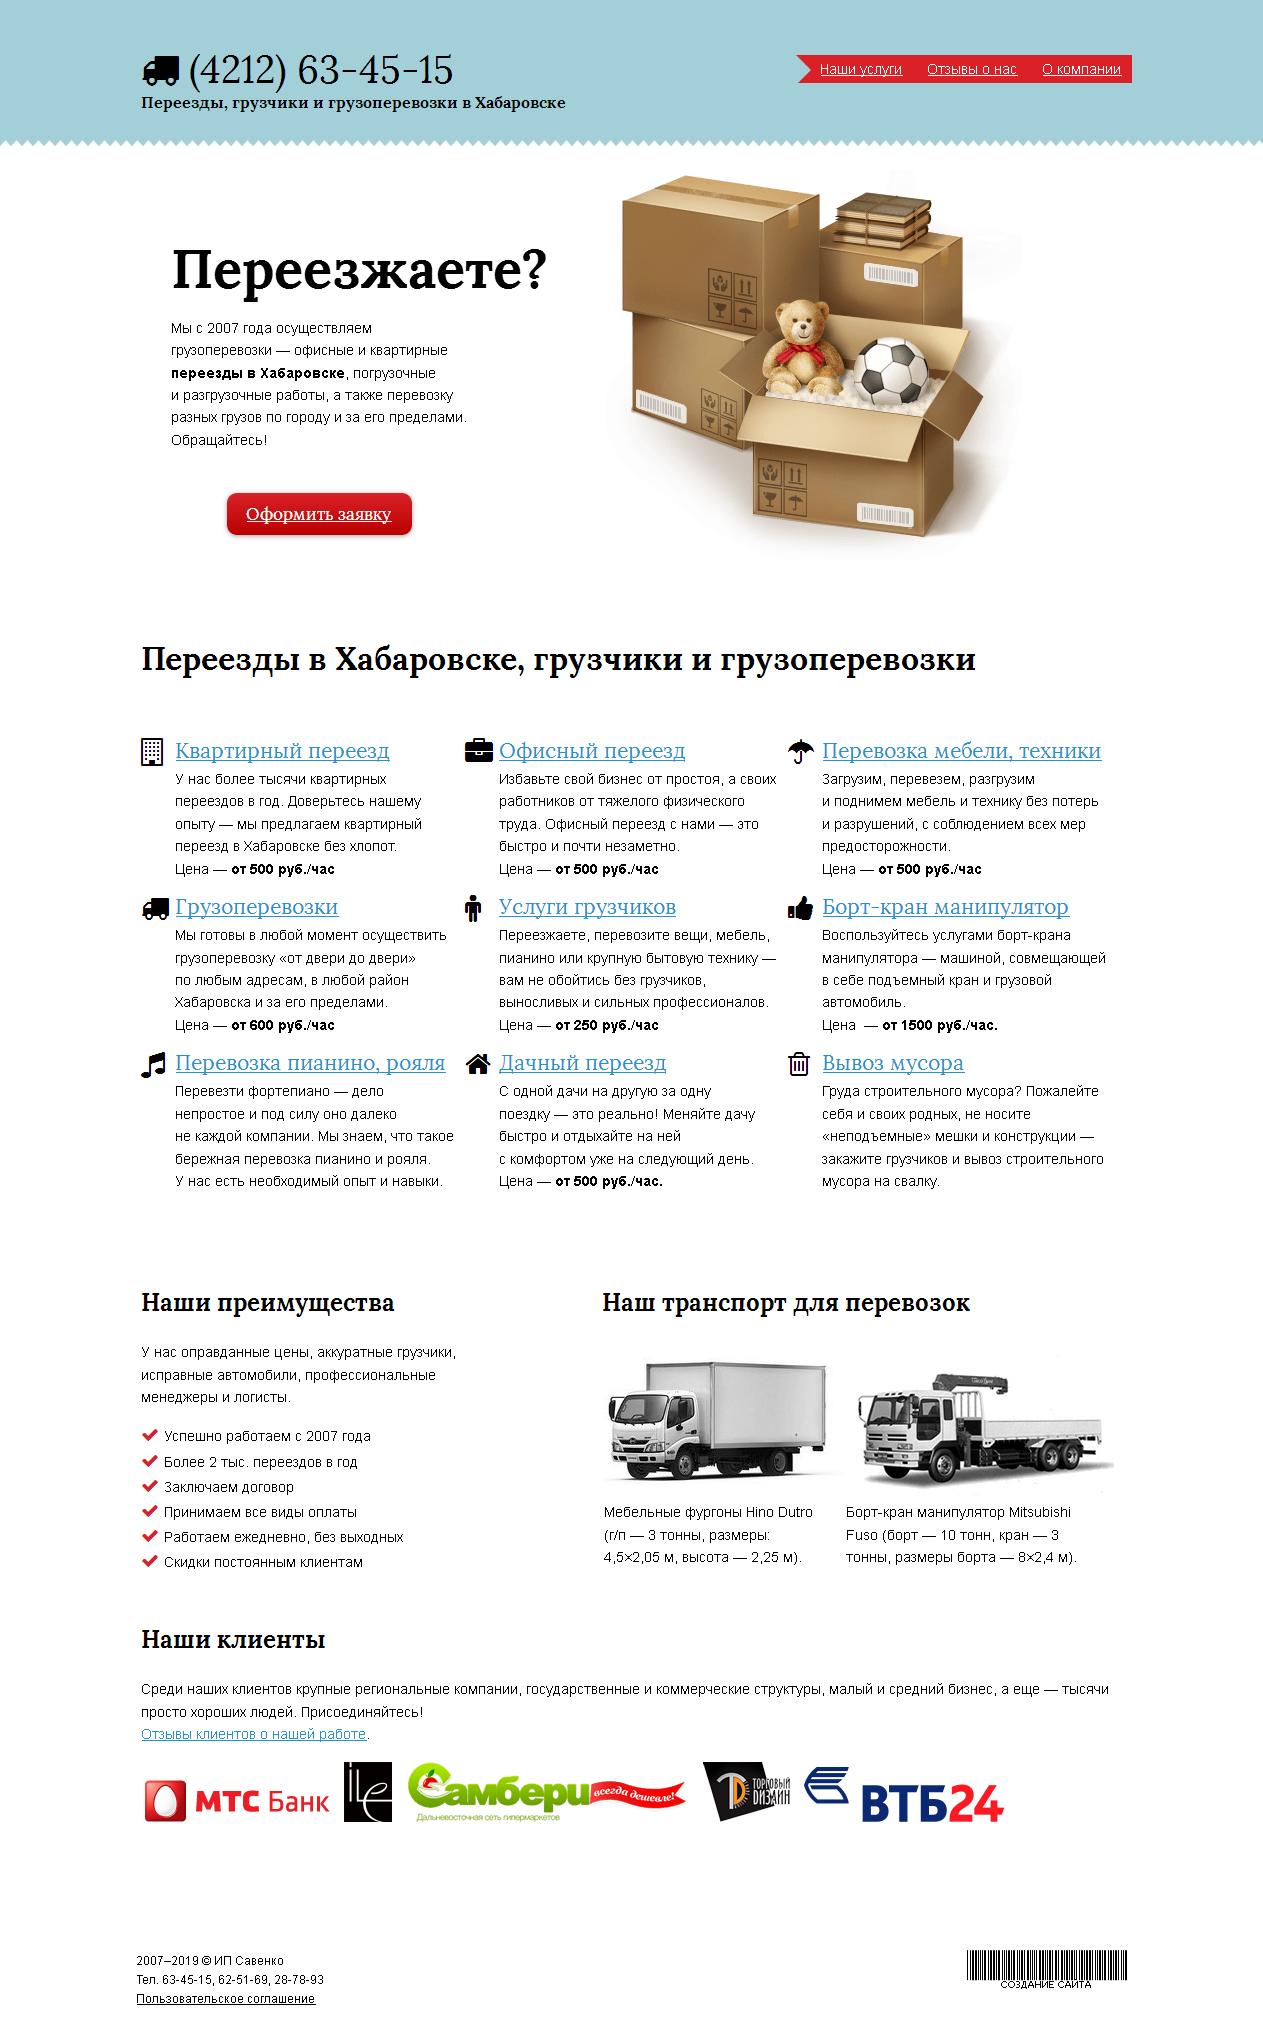 Сайт — Переезды в Хабаровске